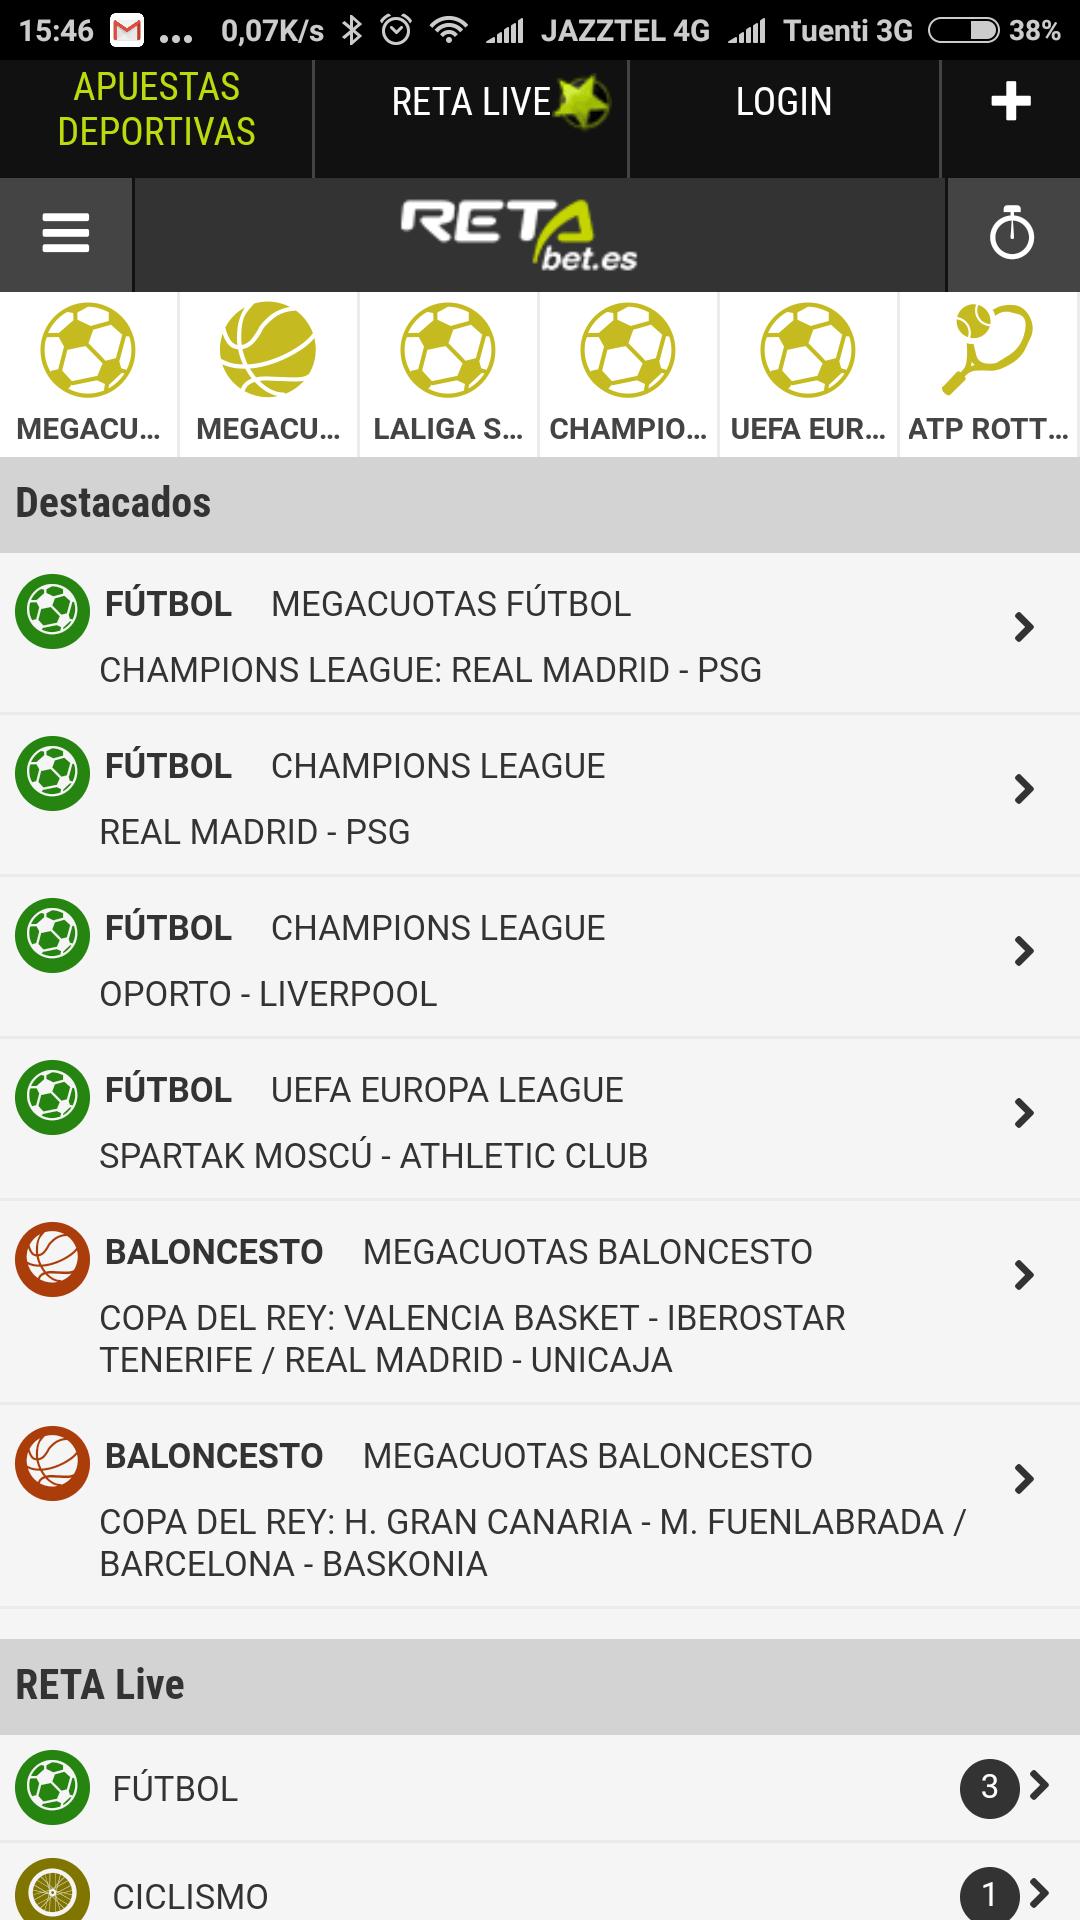 Apuestas politicas casino online Concepción opiniones - 50798